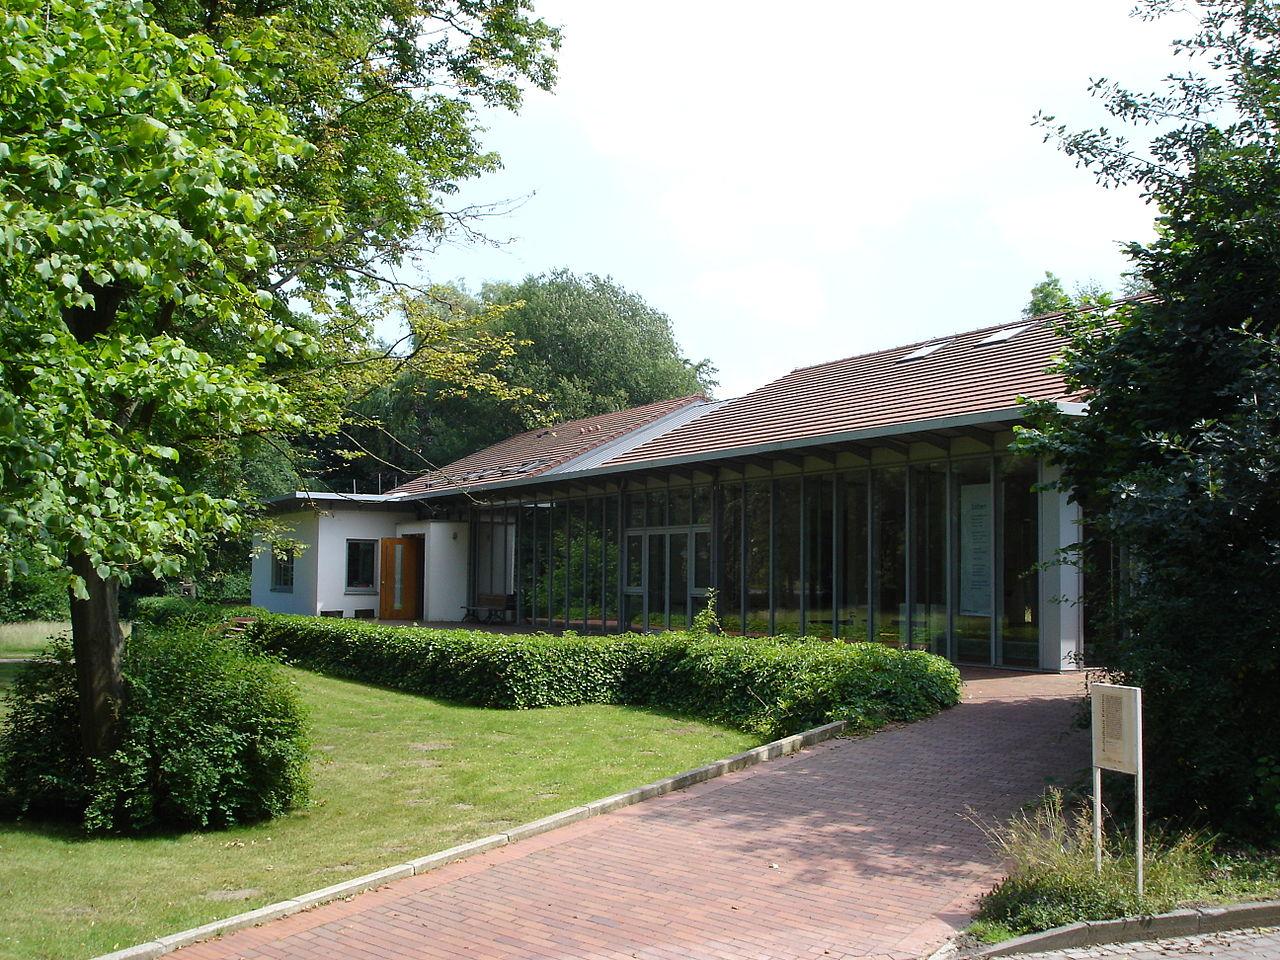 Bild Kunsthaus Kannen Münster